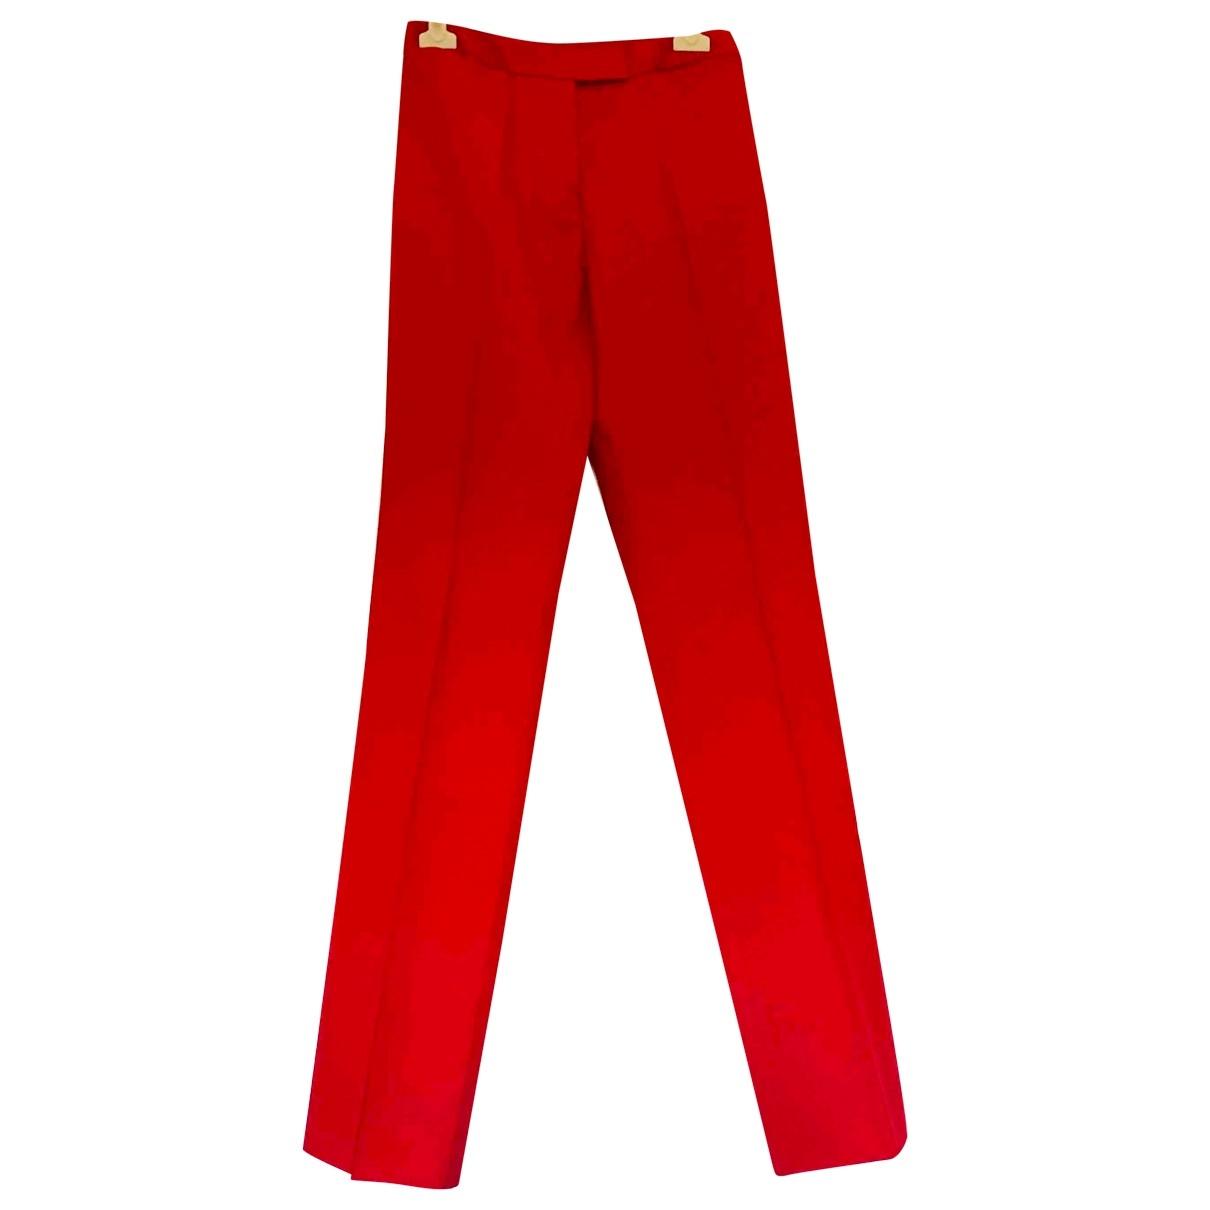 Pantalon recto de Lana Alexander Mcqueen